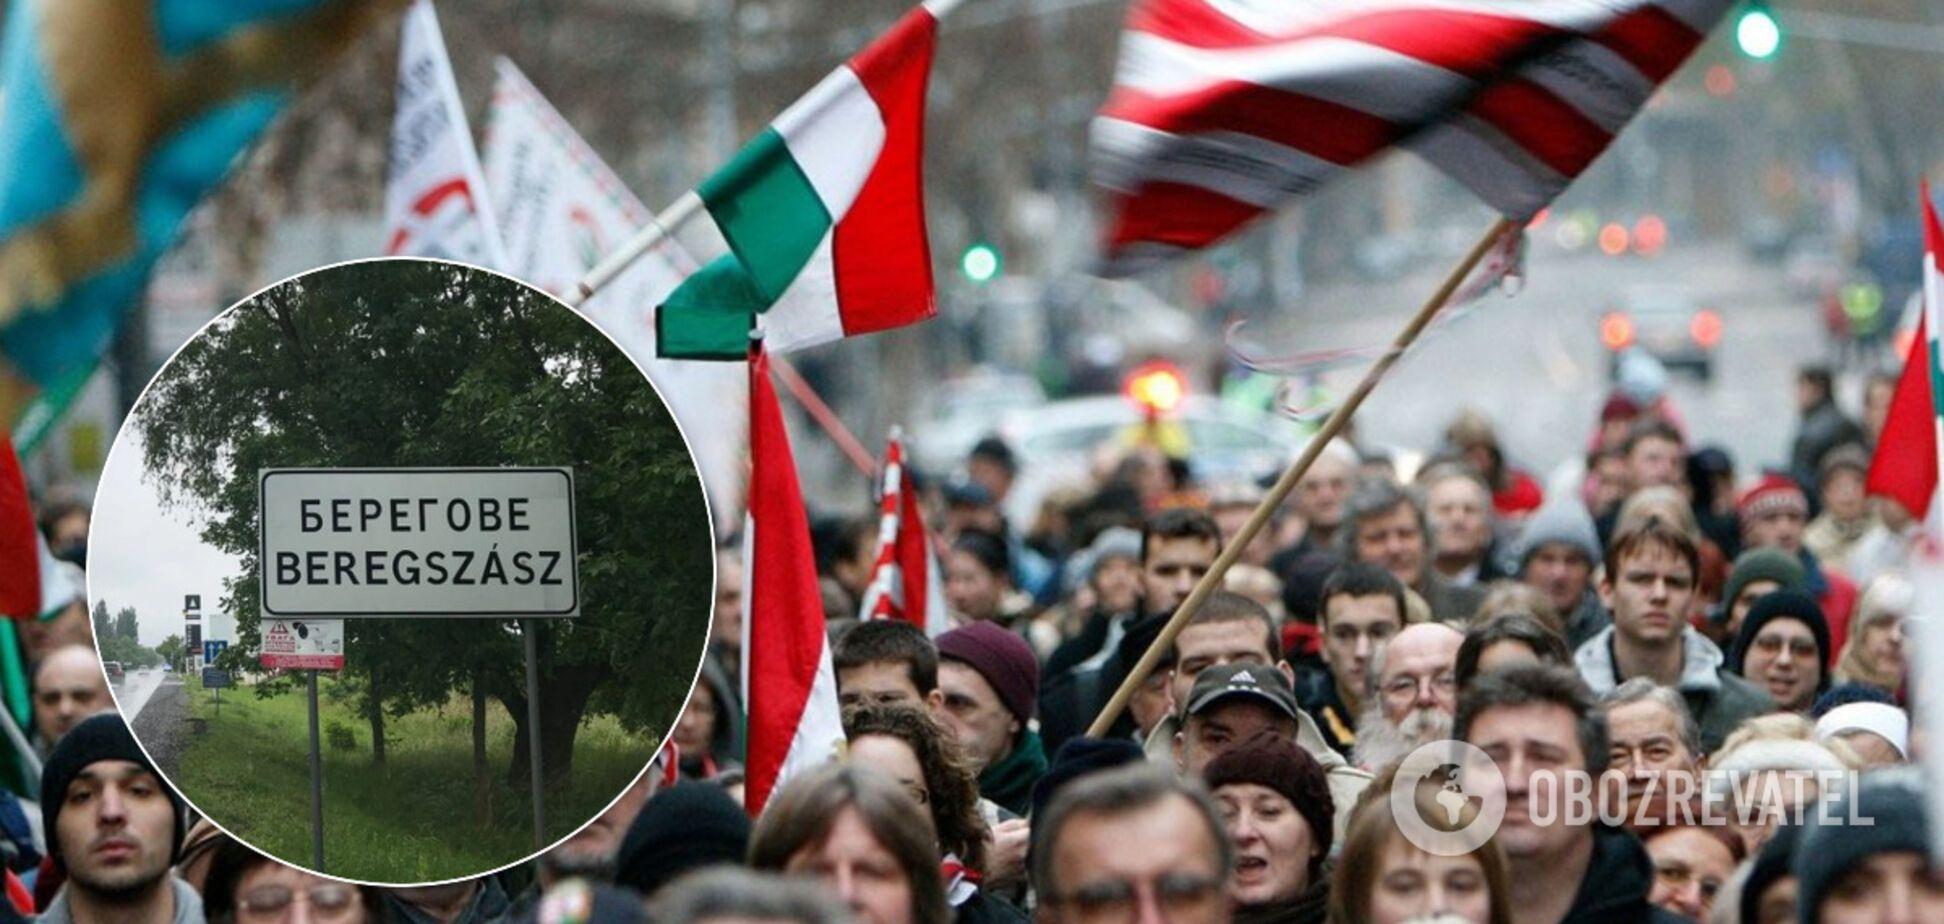 Украина создала 'венгерский' район на Закарпатье: что изменится и не сдаст ли Киев национальные интересы